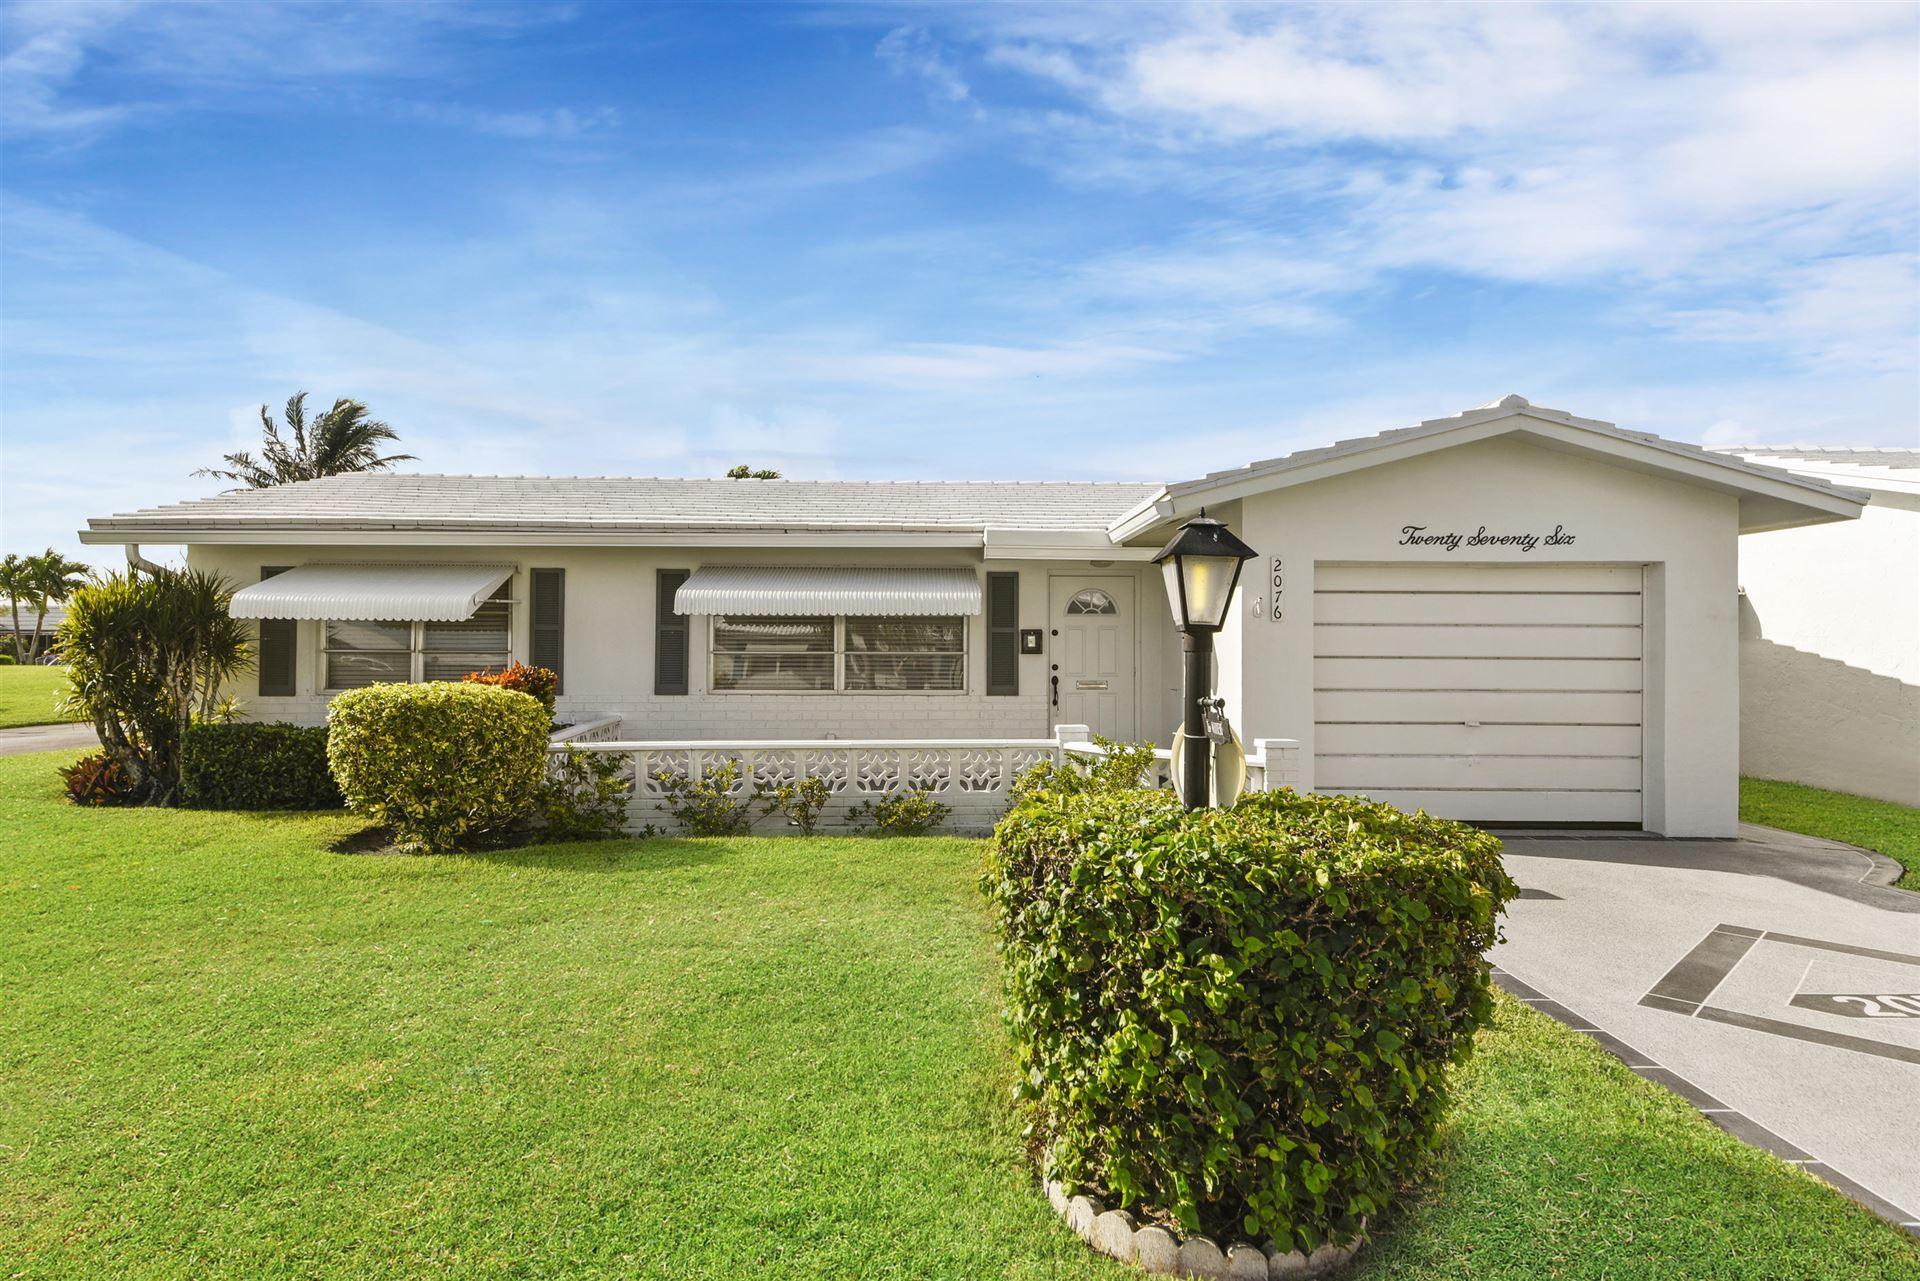 2076 SW 12th Avenue, Boynton Beach, FL 33426 - MLS#: RX-10744299